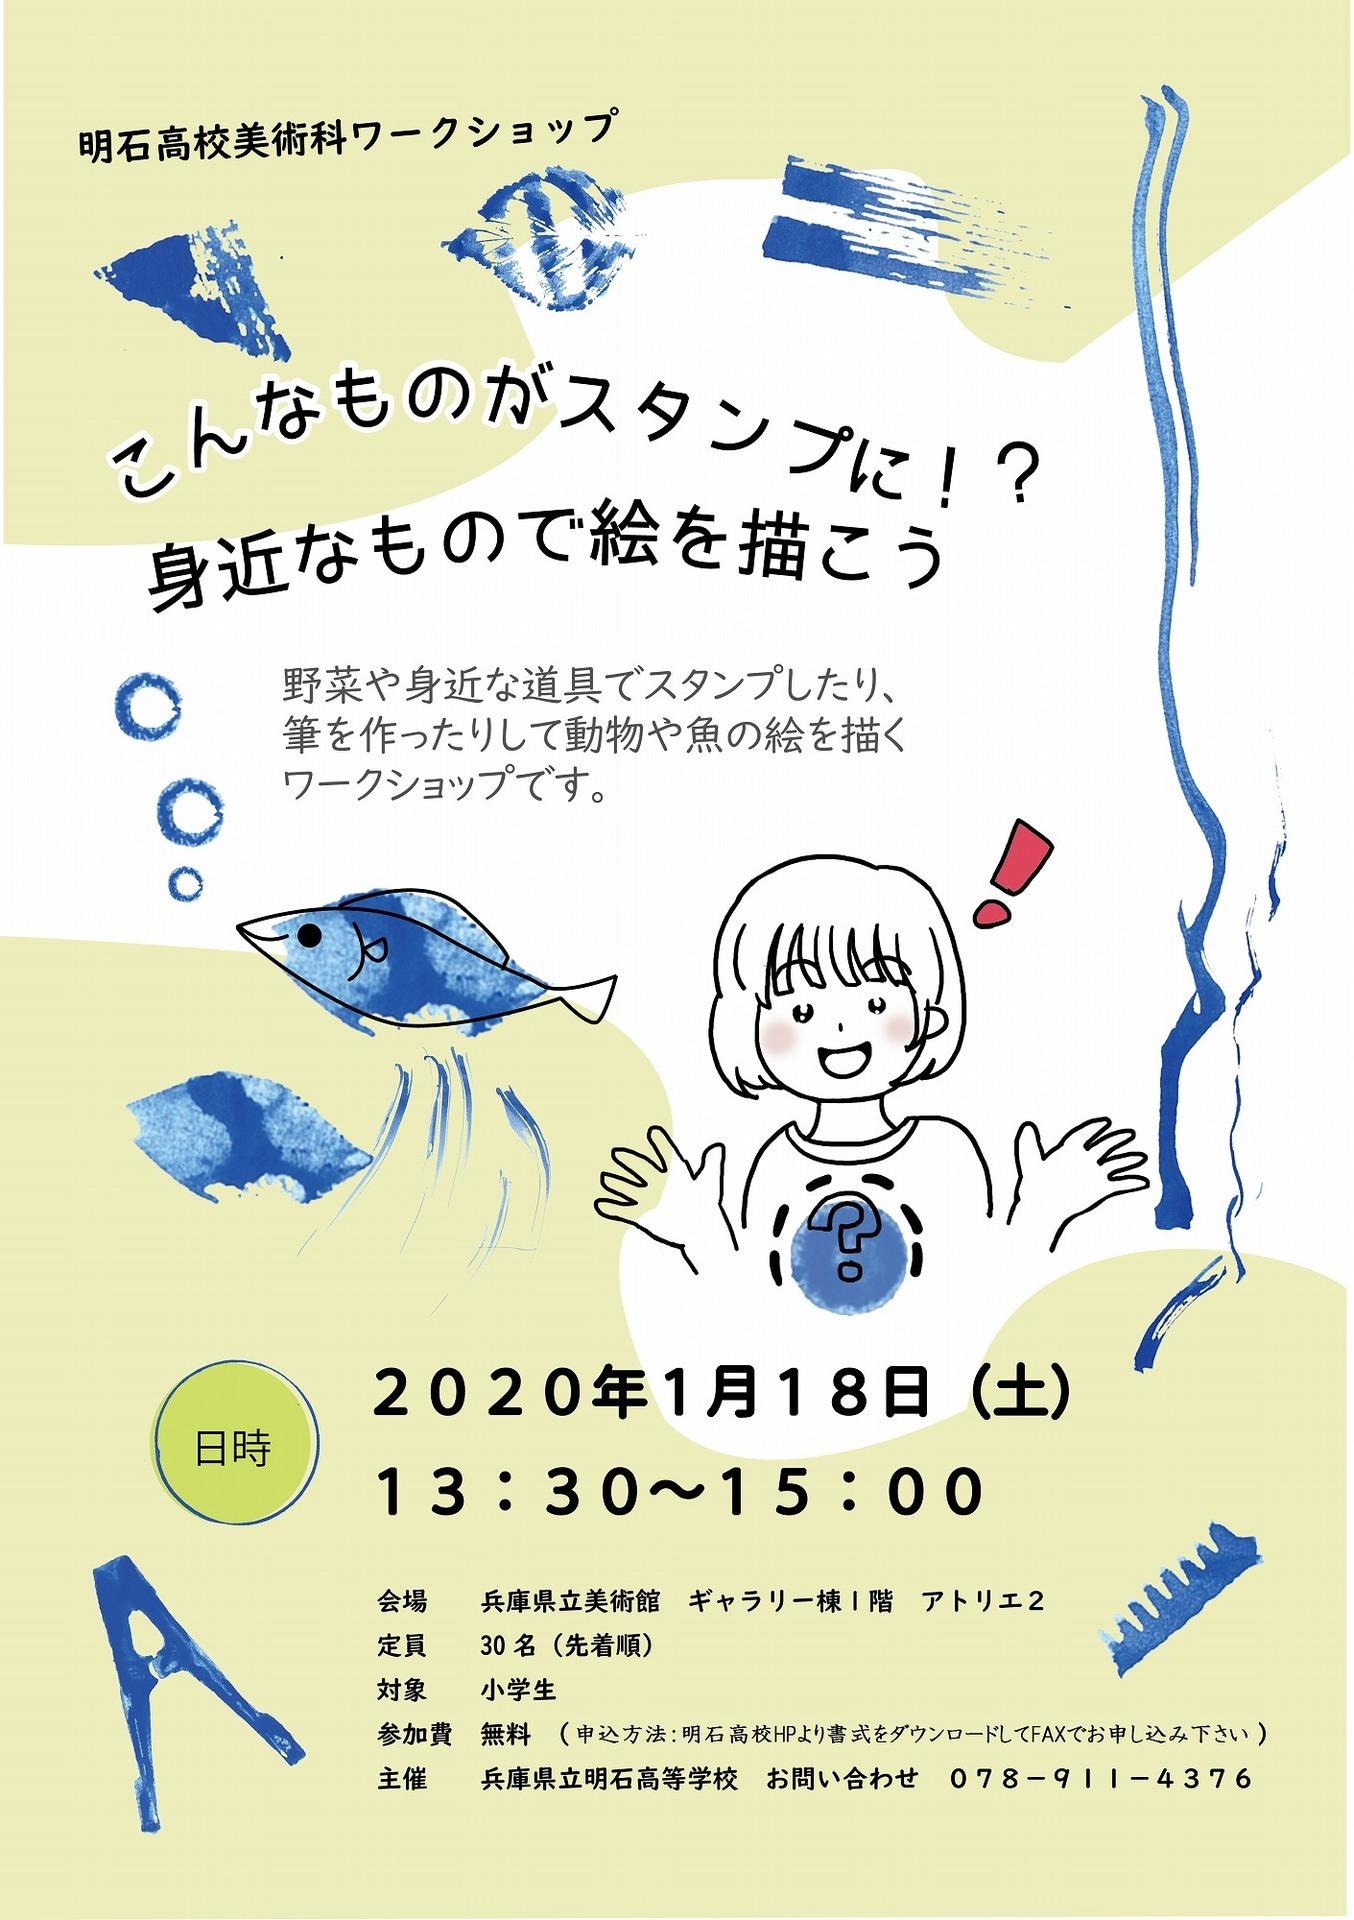 20191204_bijutsuka_exhibit_2.jpg